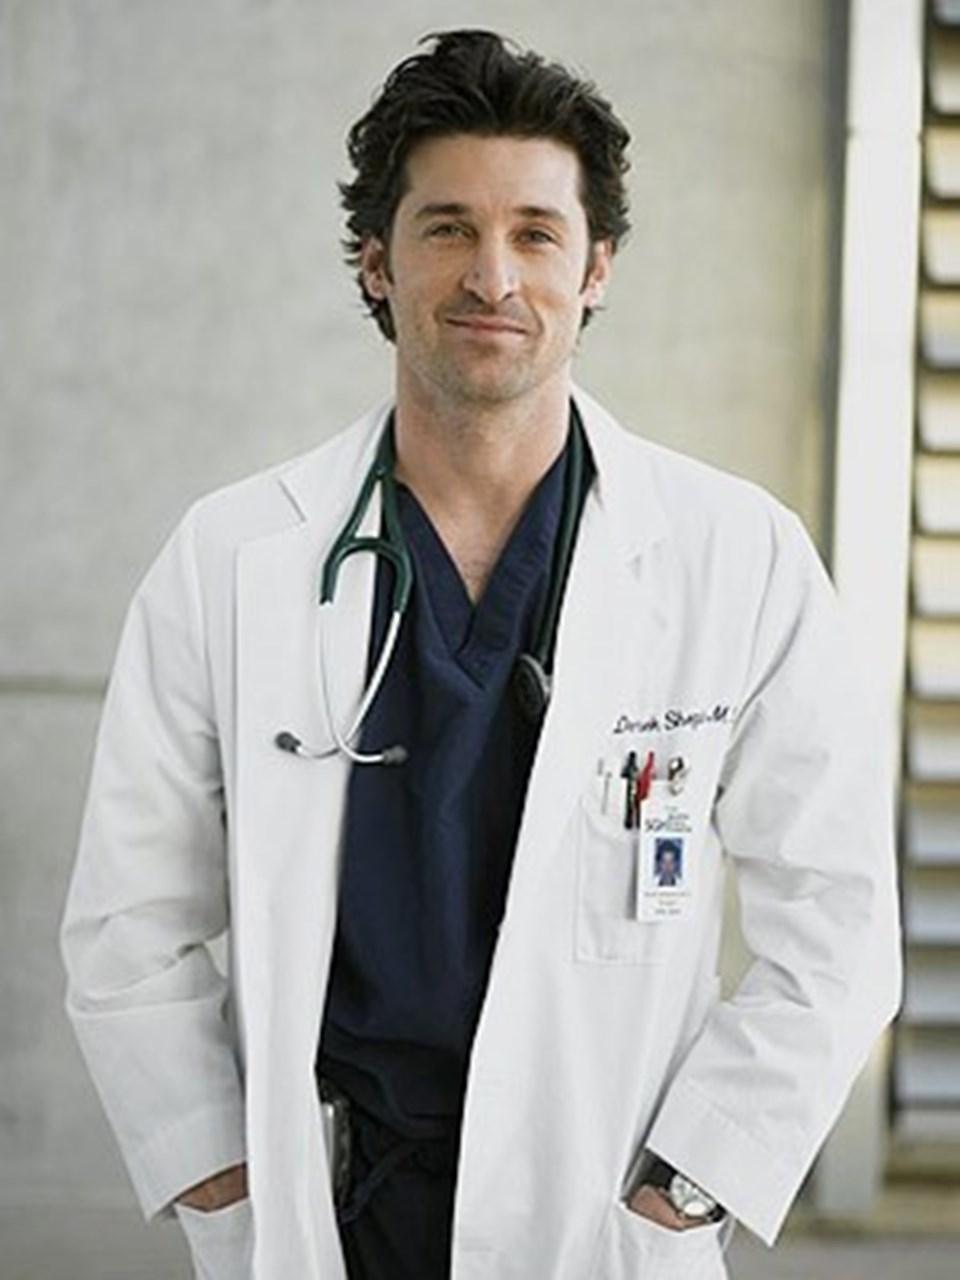 Dizide bir doktoru canlandıran 49 yaşındaki Patrick Dempsey, 11 sezondur bu karakter ile izleyicinin karşısına çıkıyordu.